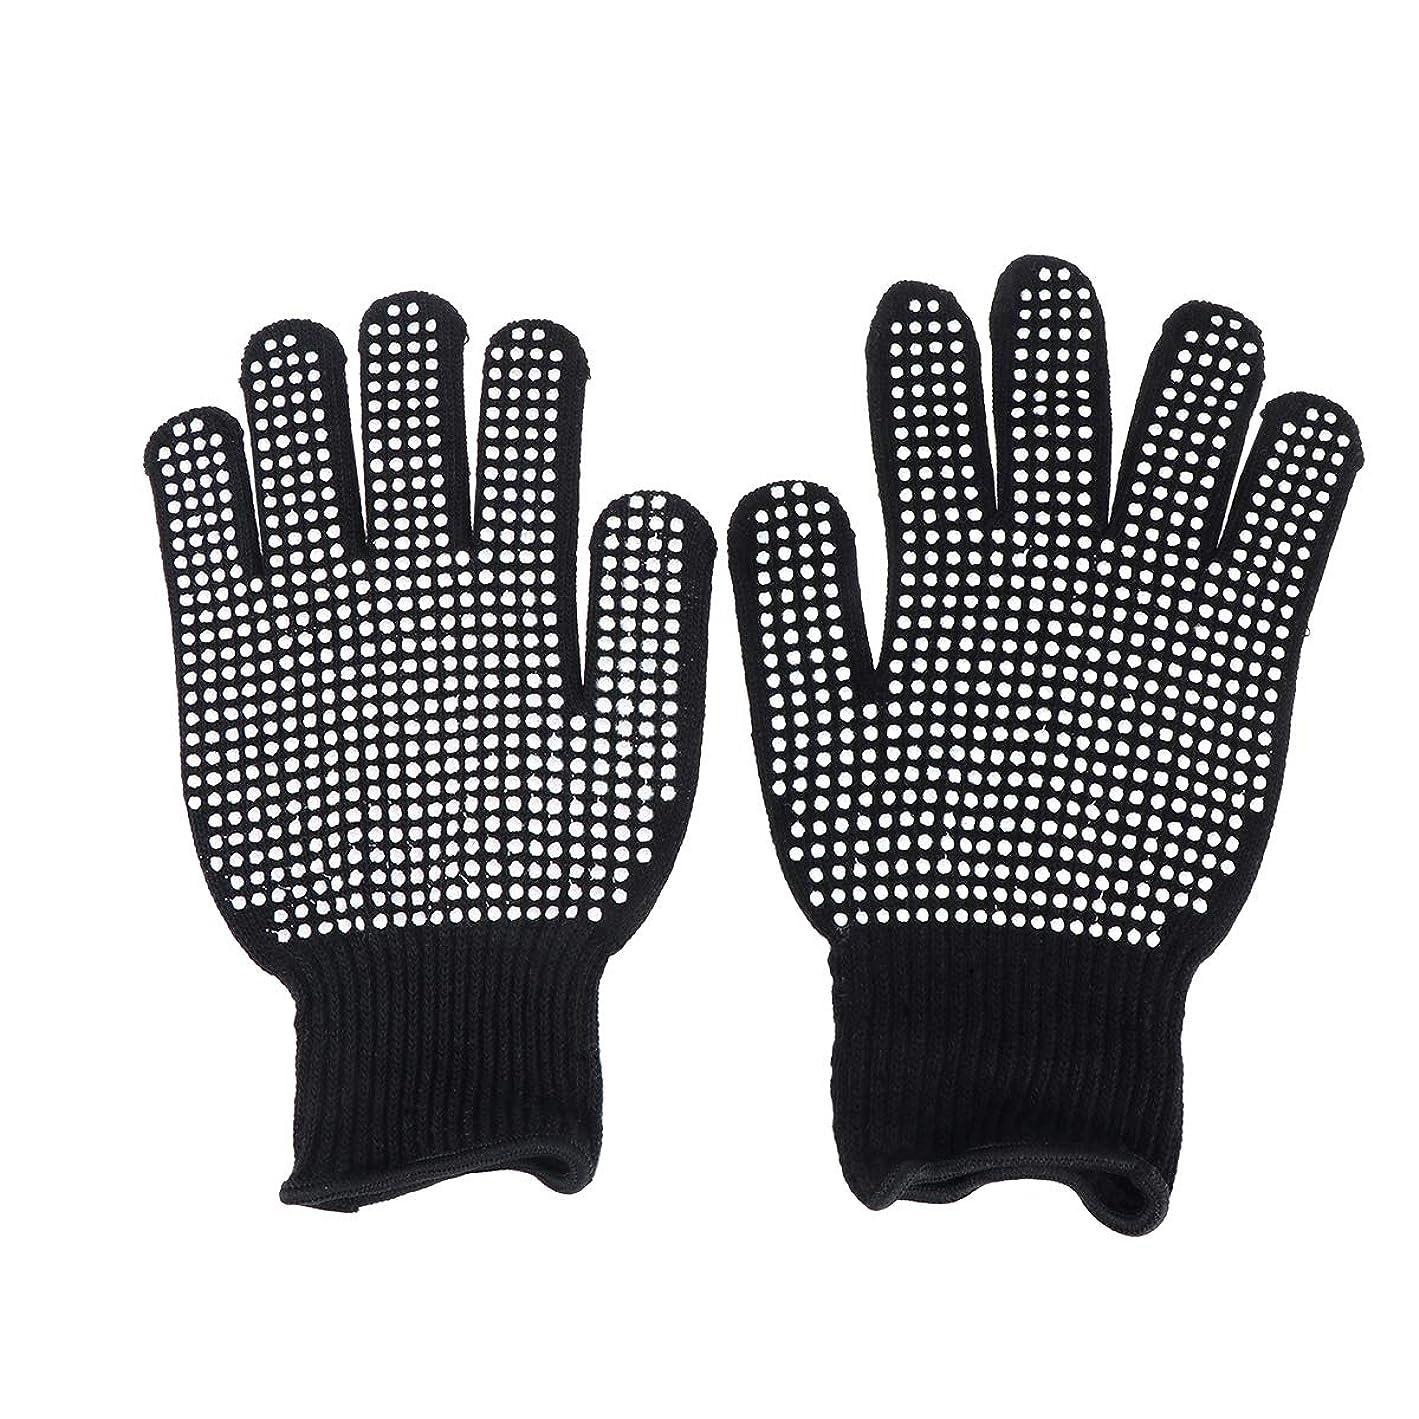 溶接コールド牽引Beaupretty 耐熱手袋ヘアスタイリング用オーブン手袋カール防止用ヒートブロック(ブラック)